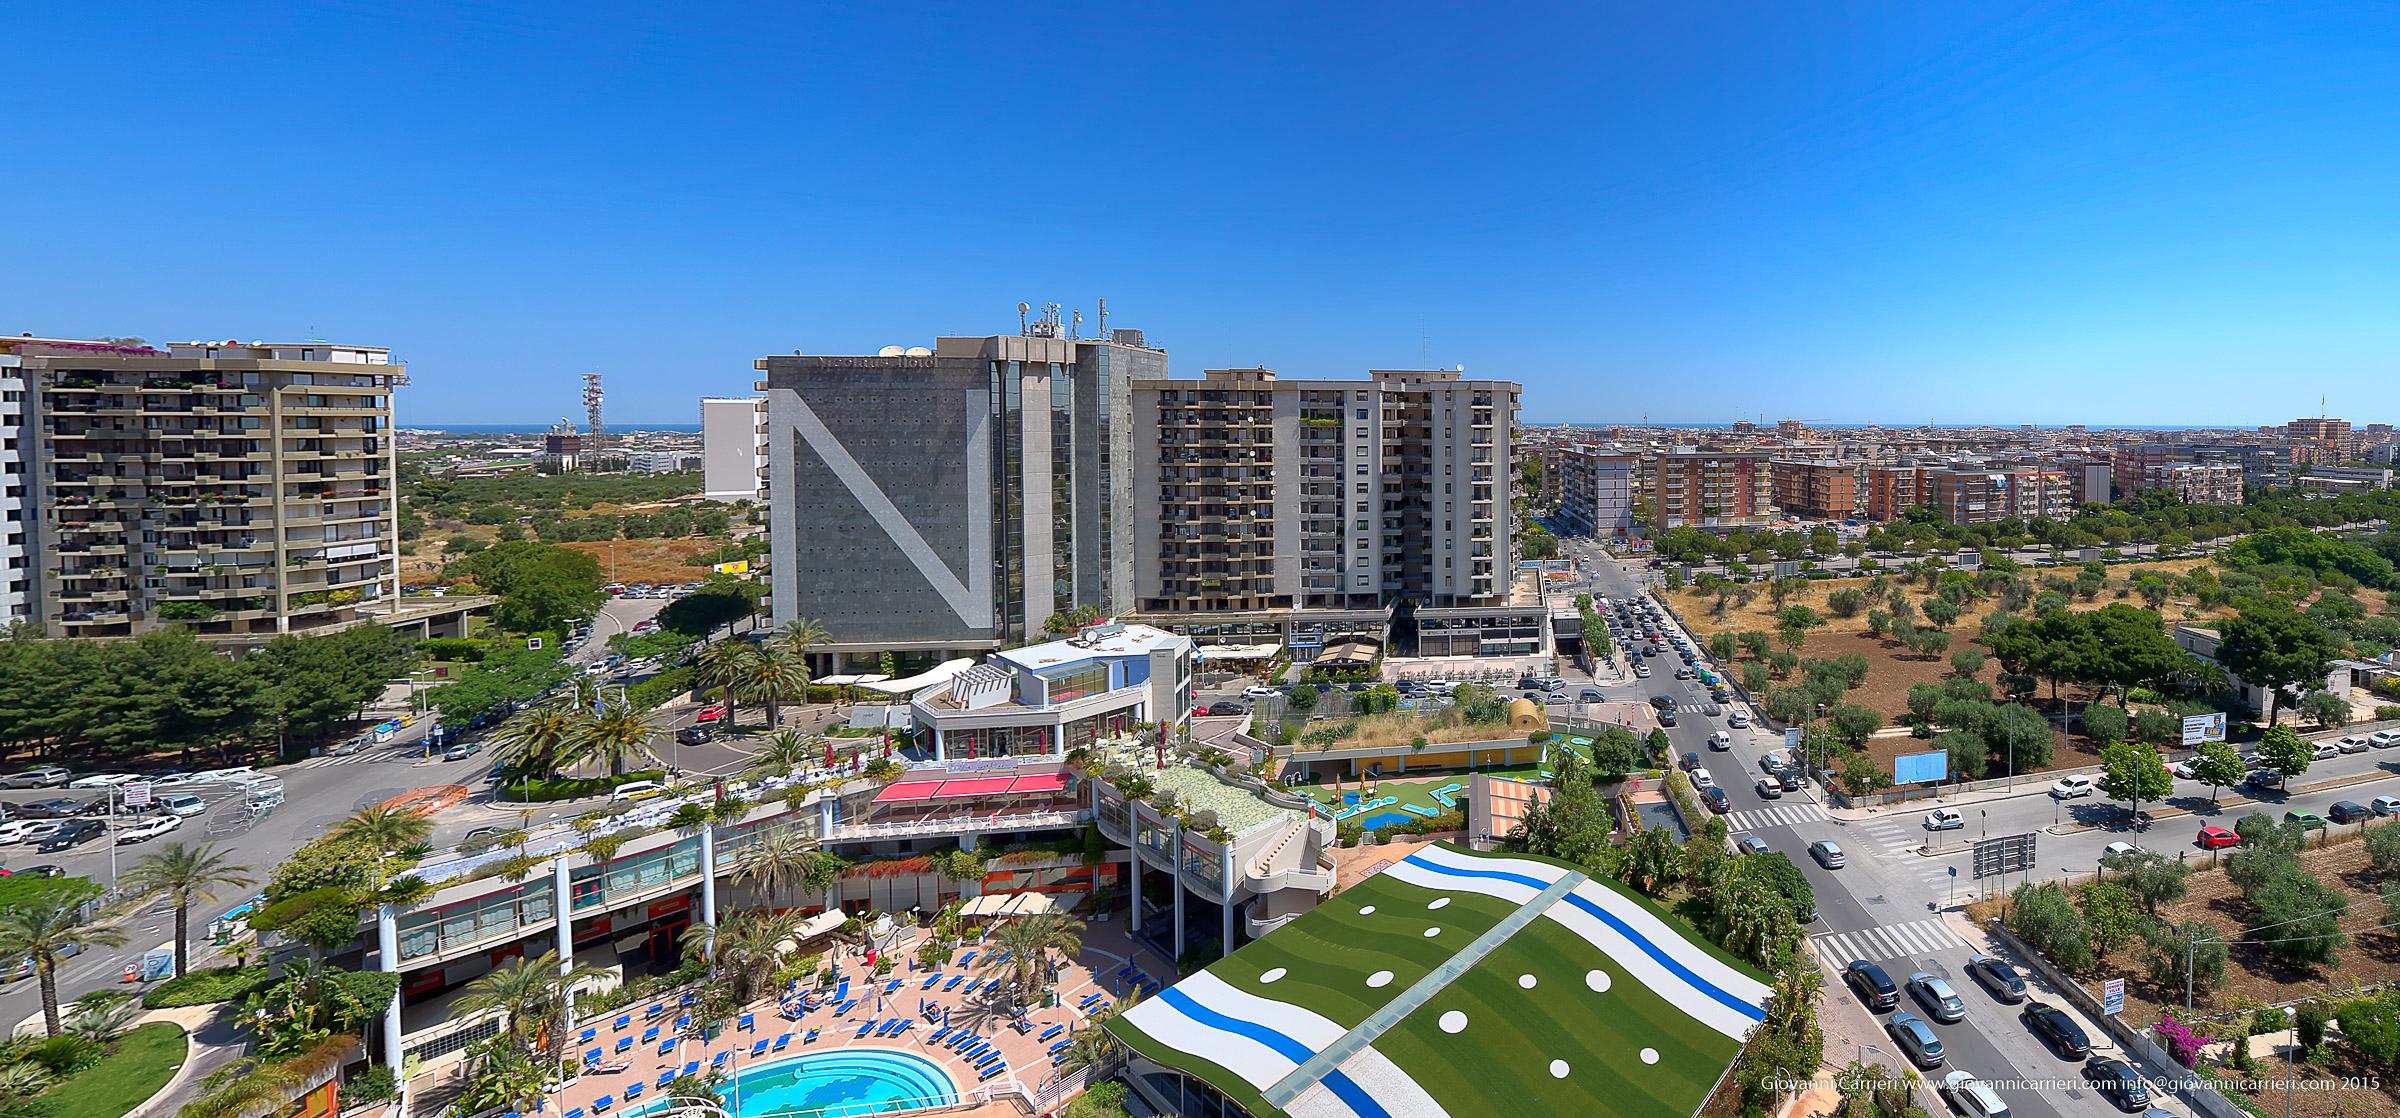 Panoramica del quartiere Poggiofranco - Bari